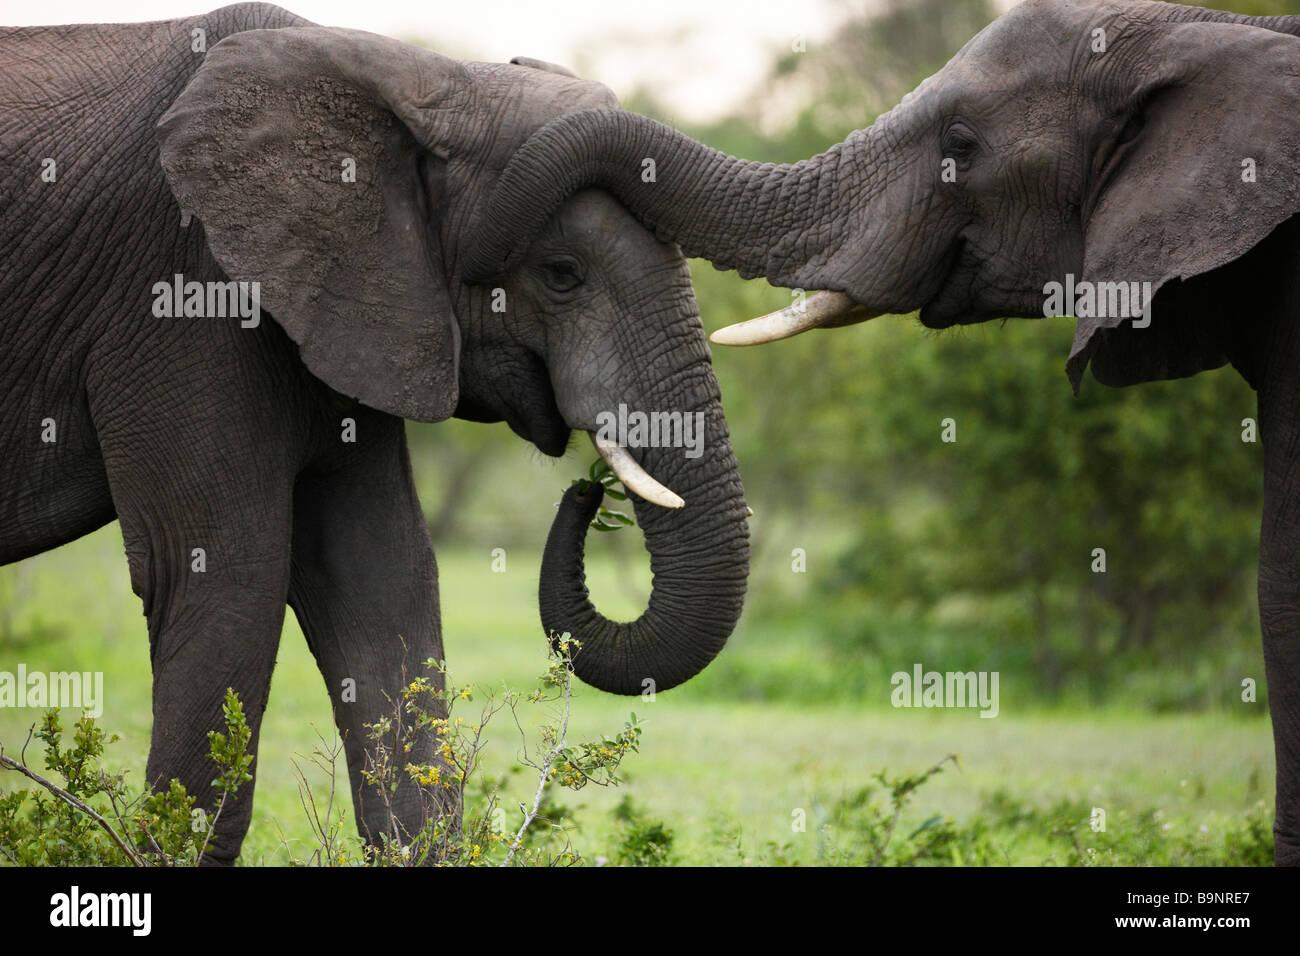 Deux éléphants africains le collage dans la brousse, Kruger National Park, Afrique du Sud Photo Stock